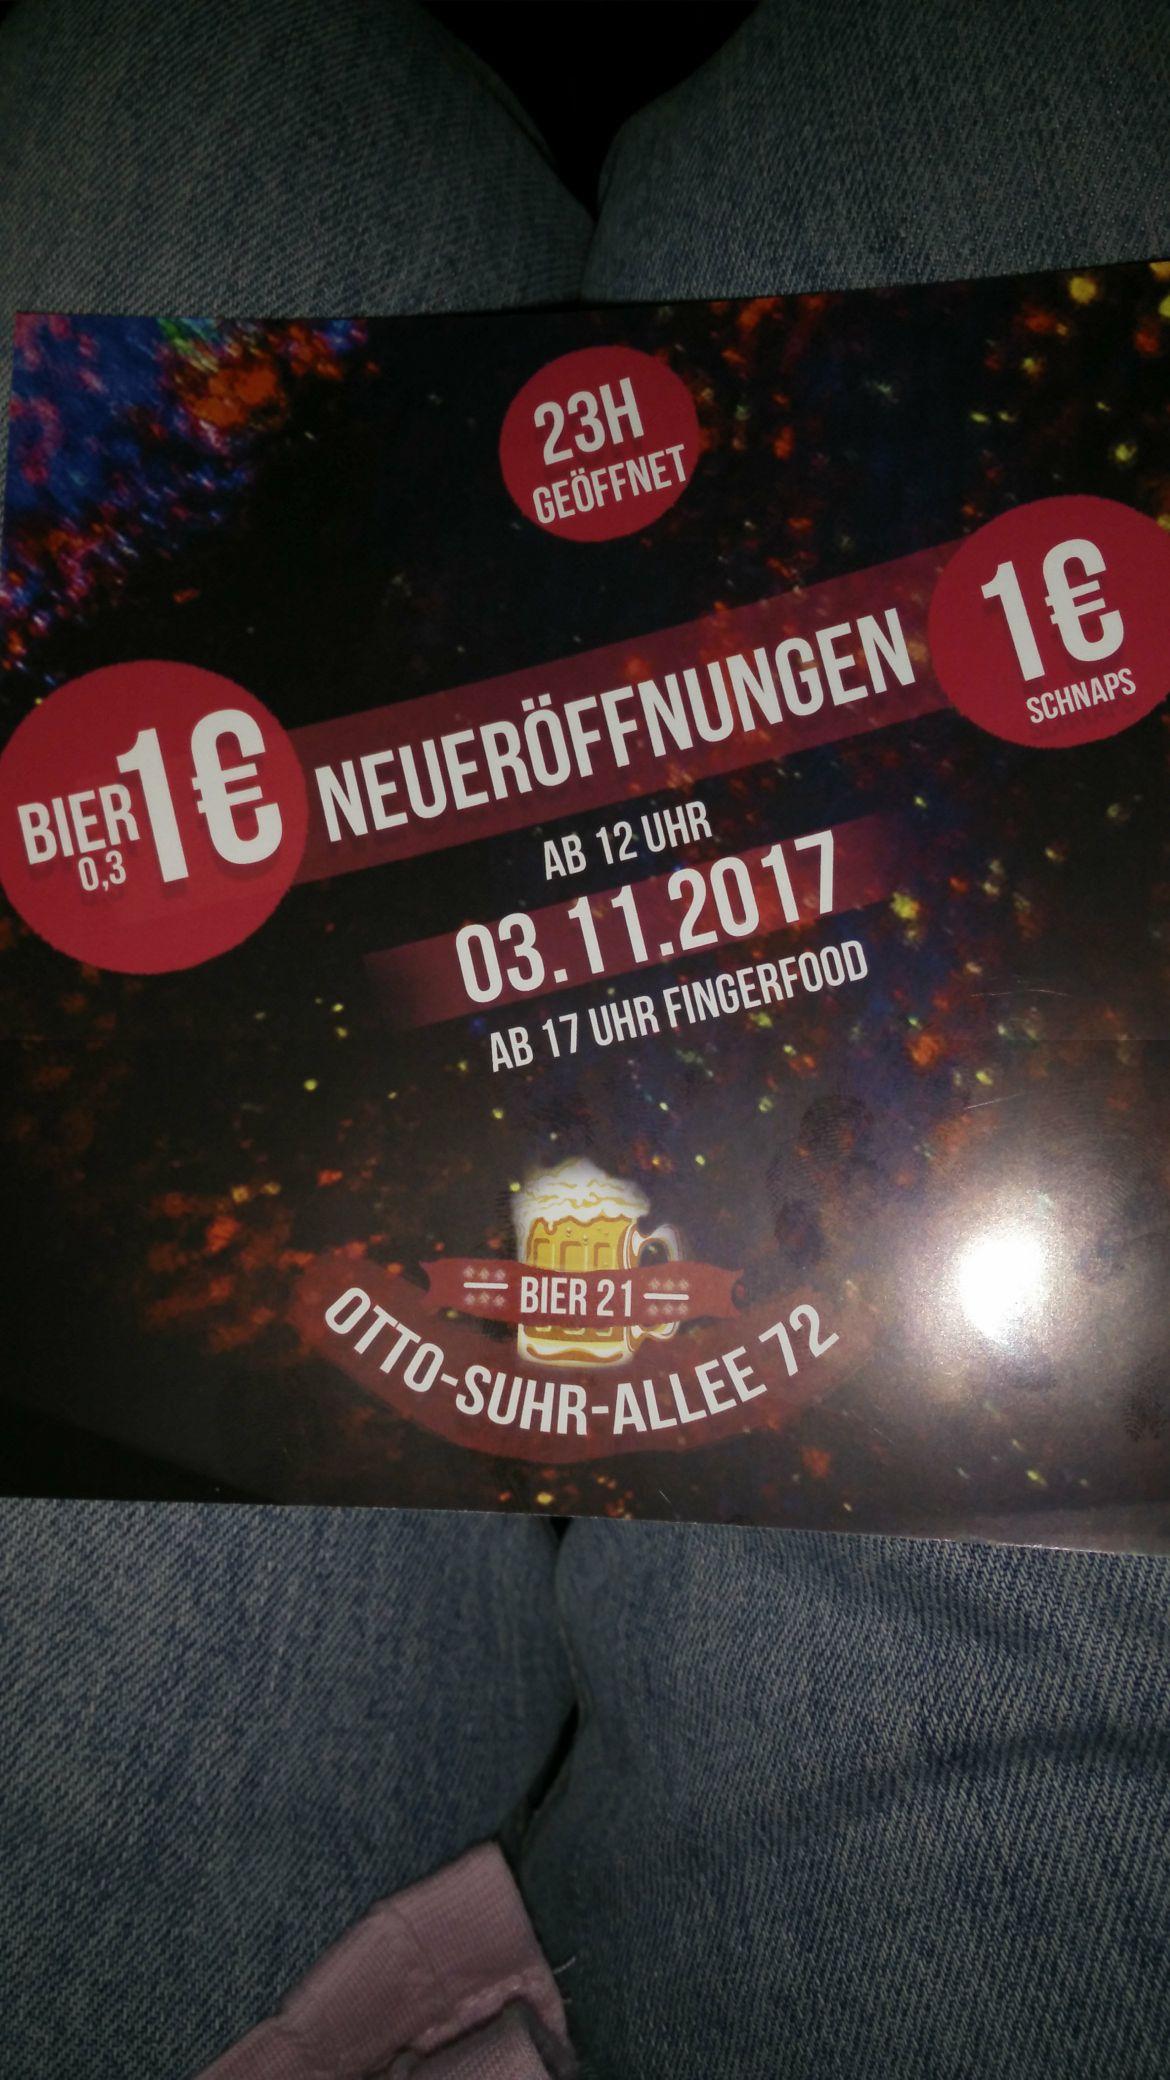 Bier 1€, Schnaps 1&, Fingerfood free